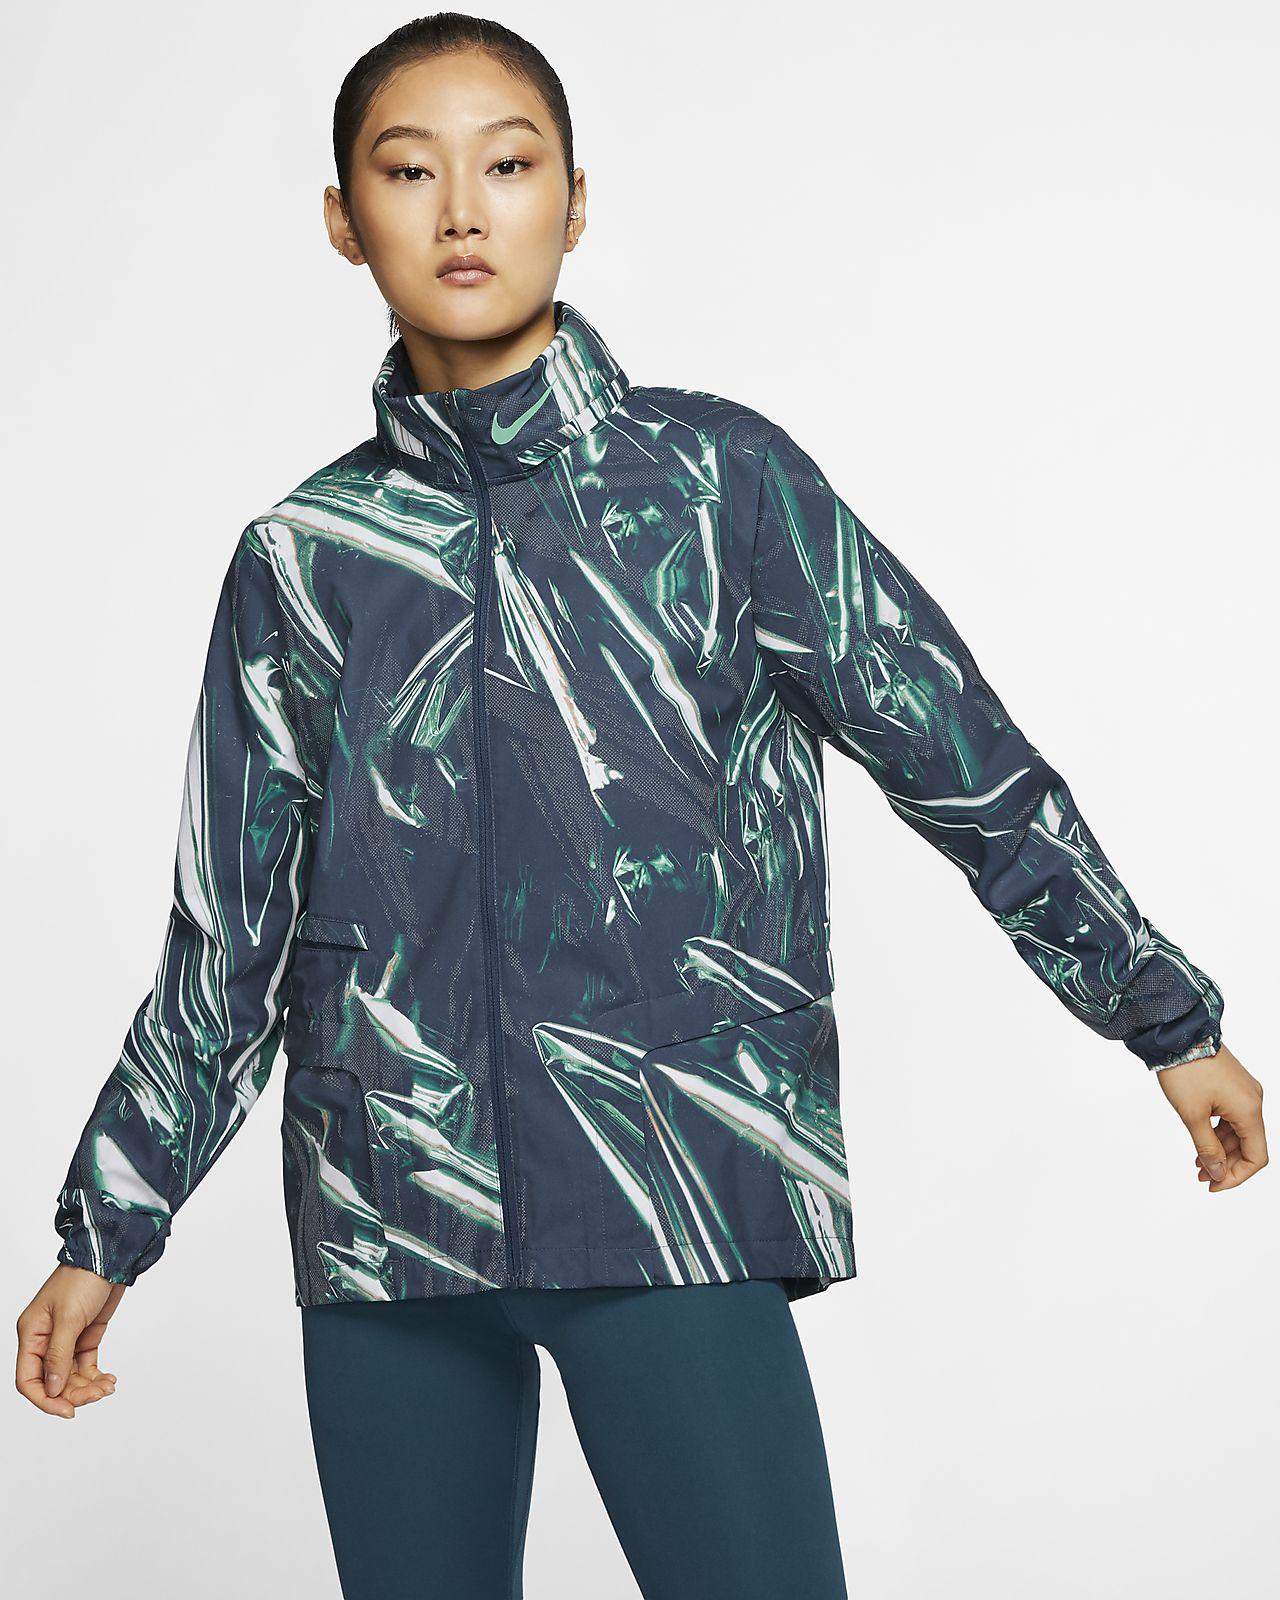 Mirar atrás ansiedad daño  Nike Shield Chaqueta Mujer Chaquetas